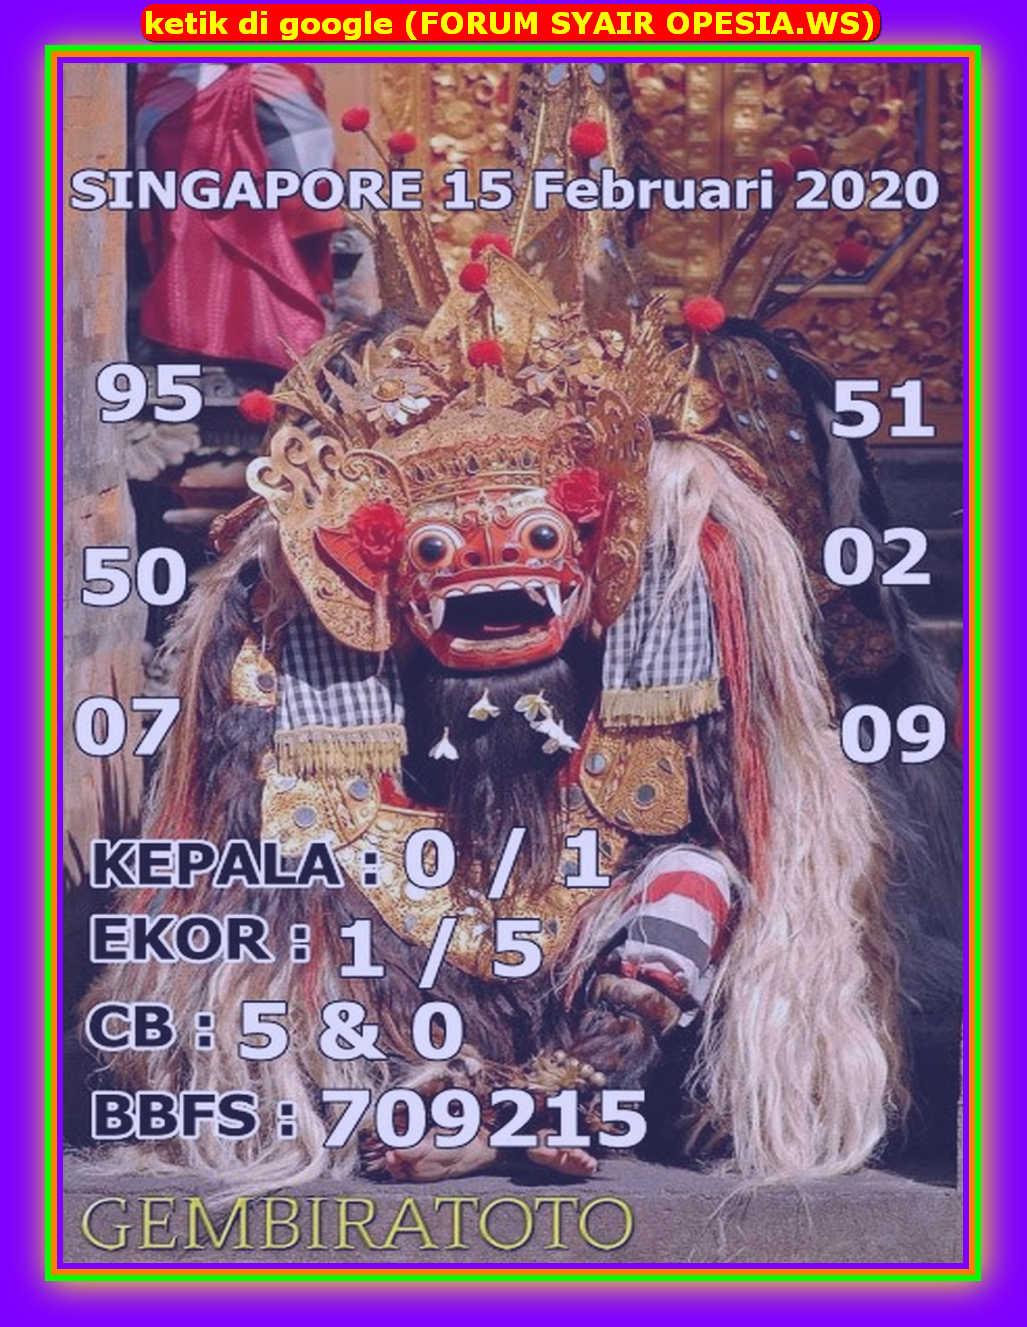 Kode syair Singapore Sabtu 15 Februari 2020 157